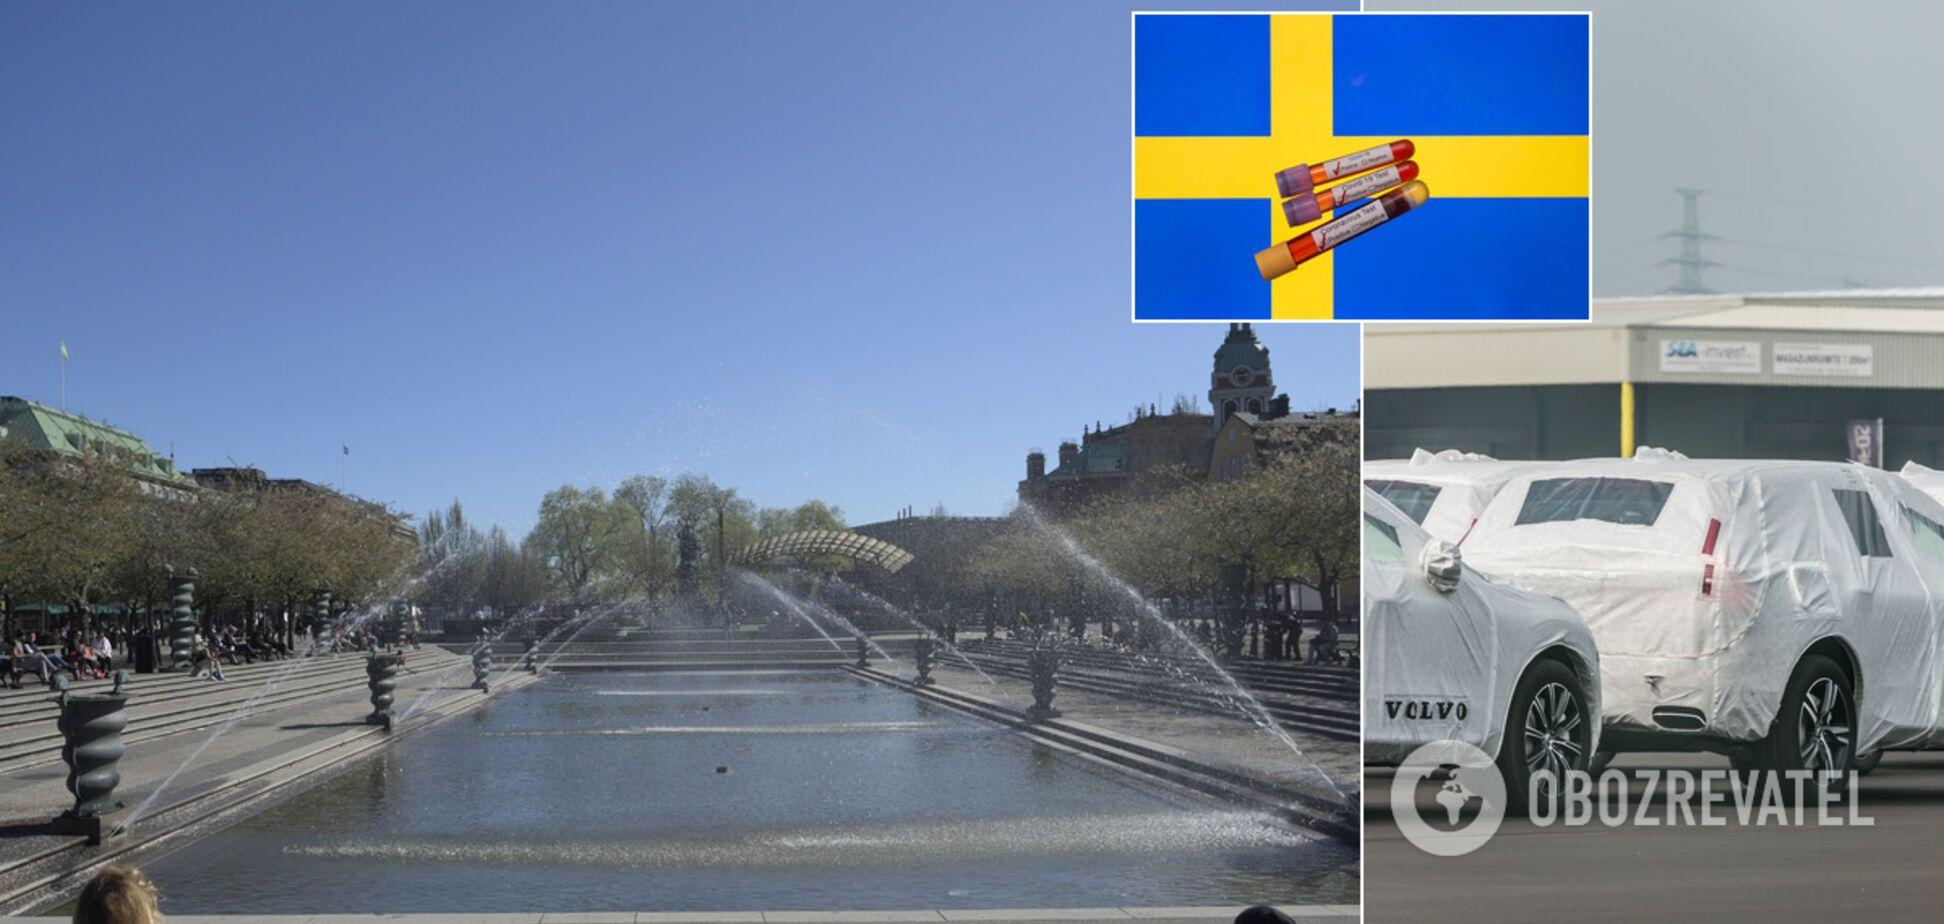 Як Швеція живе без карантину: коронавірус убив уже 3 тисячі людей, а маски не носять